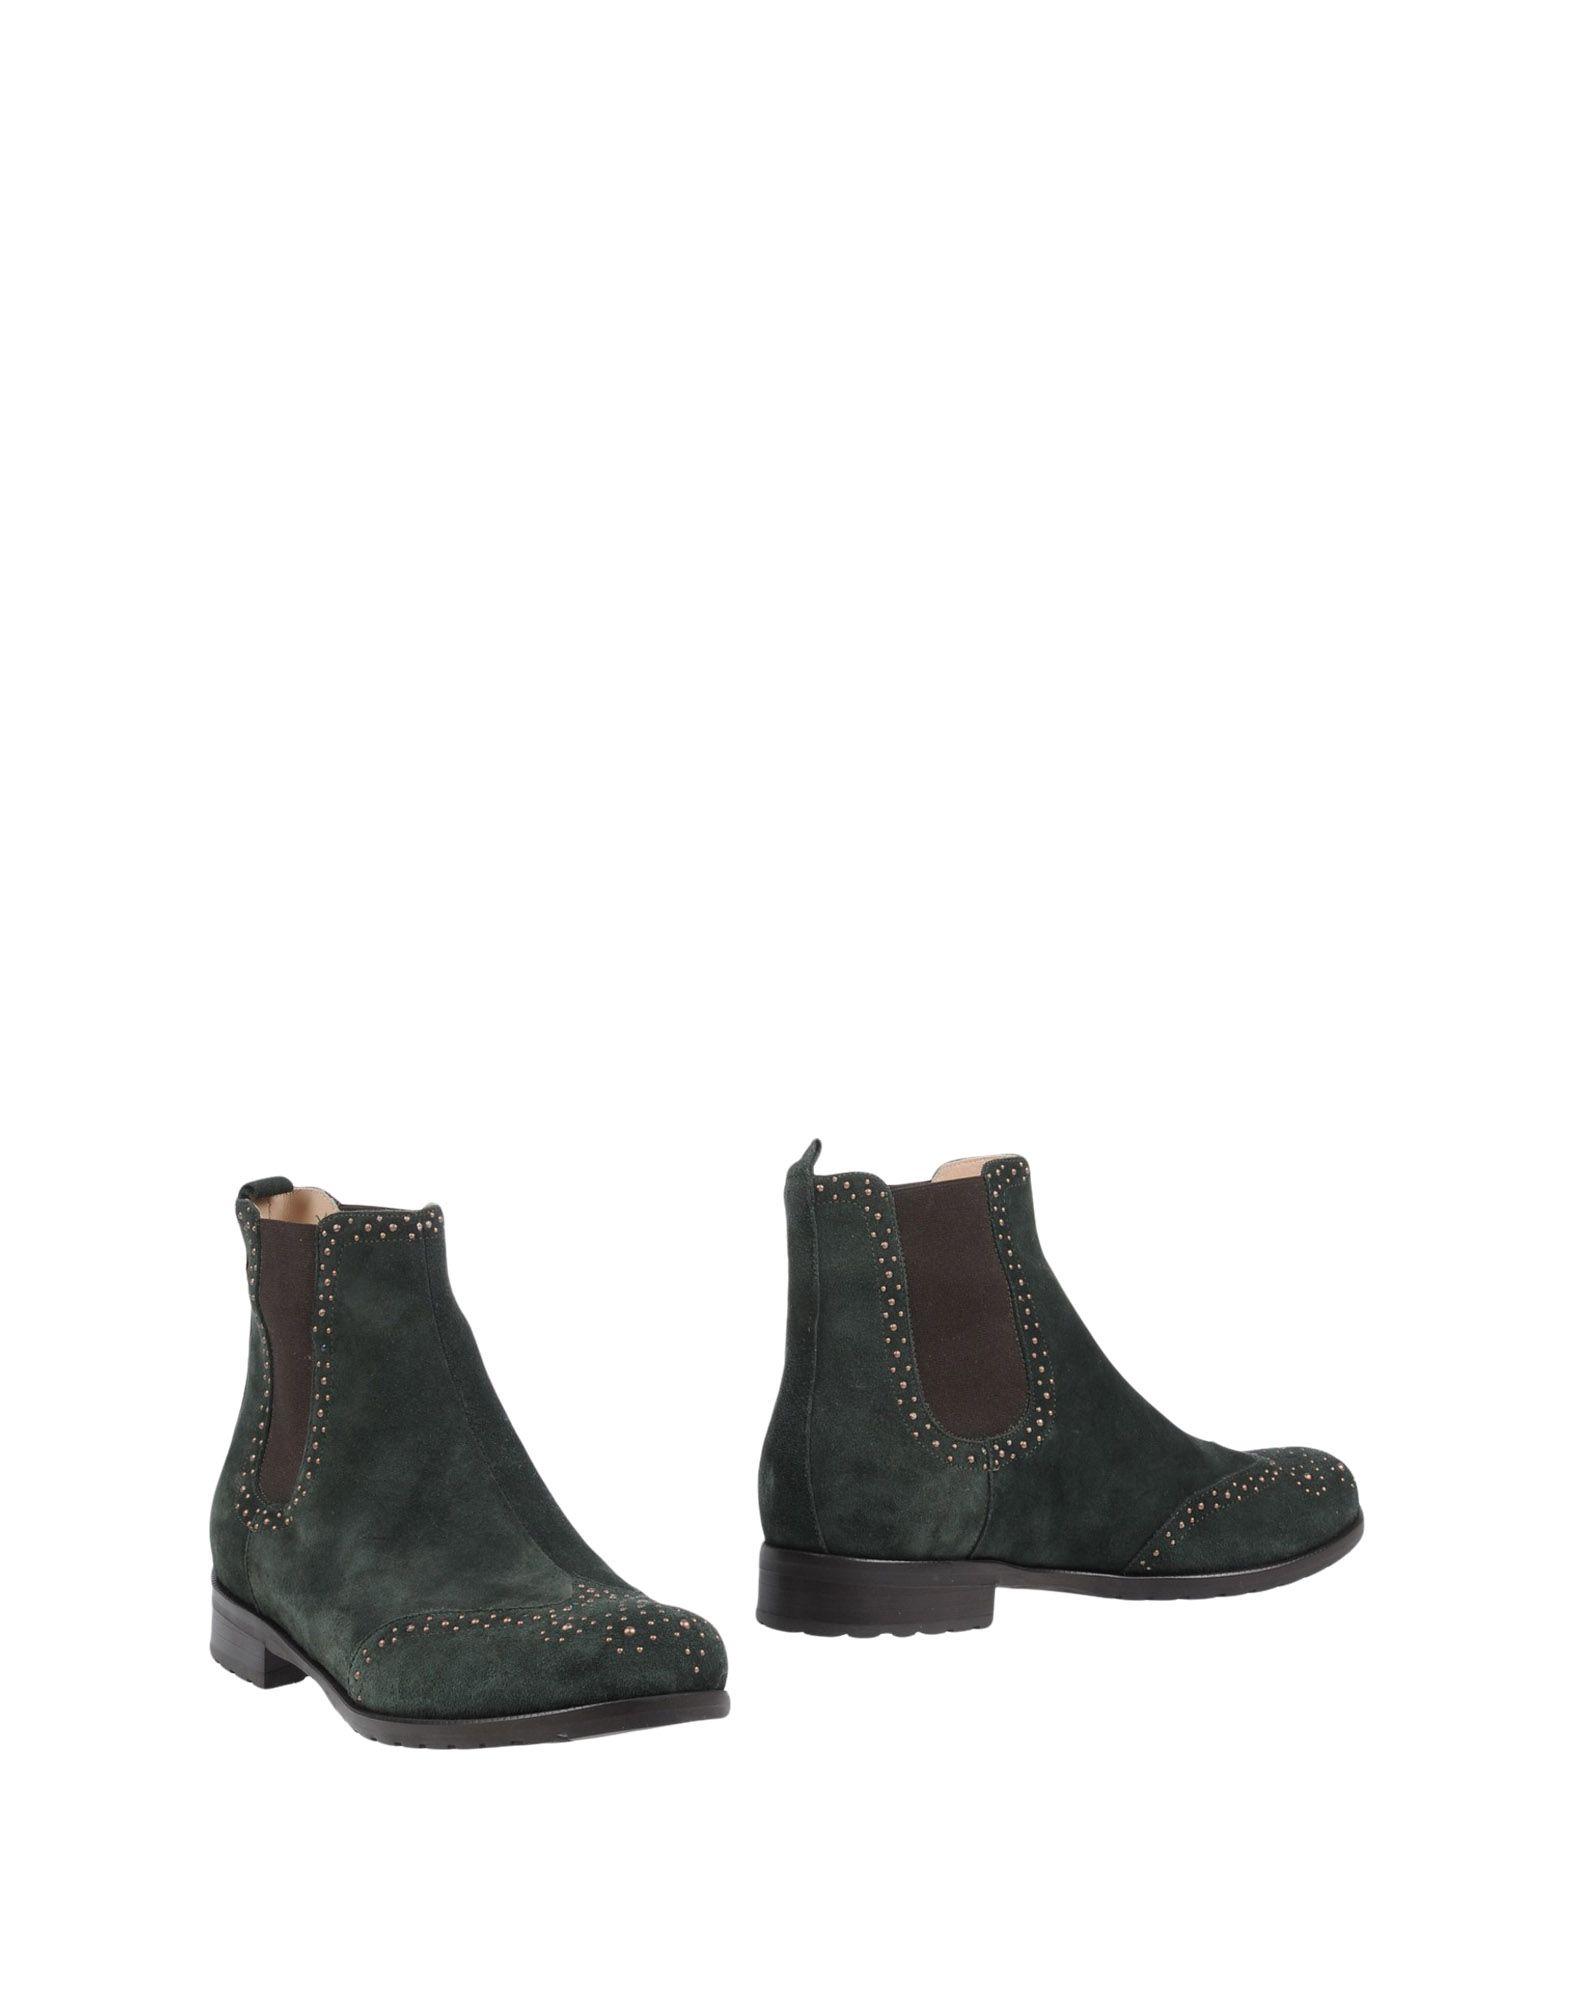 Islo Isabella Lorusso Chelsea Boots Damen  11440940RM Gute Qualität beliebte Schuhe